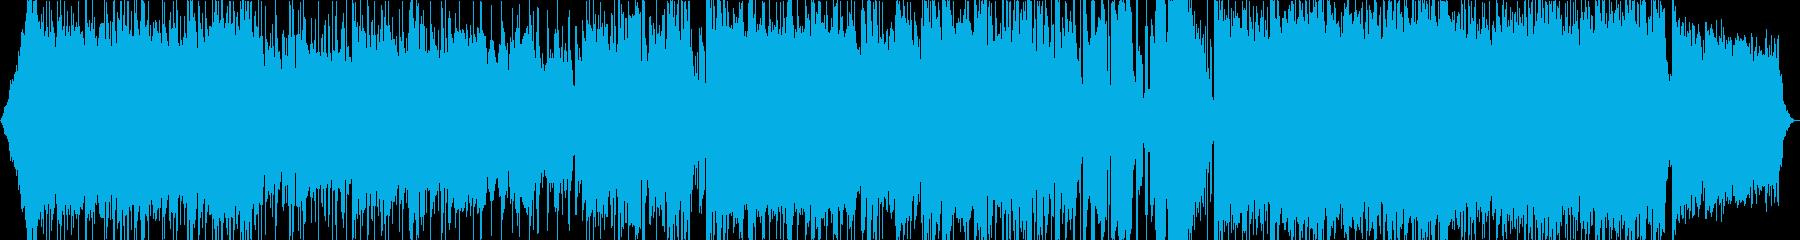 夏のイメージの軽快なポップロックです。の再生済みの波形